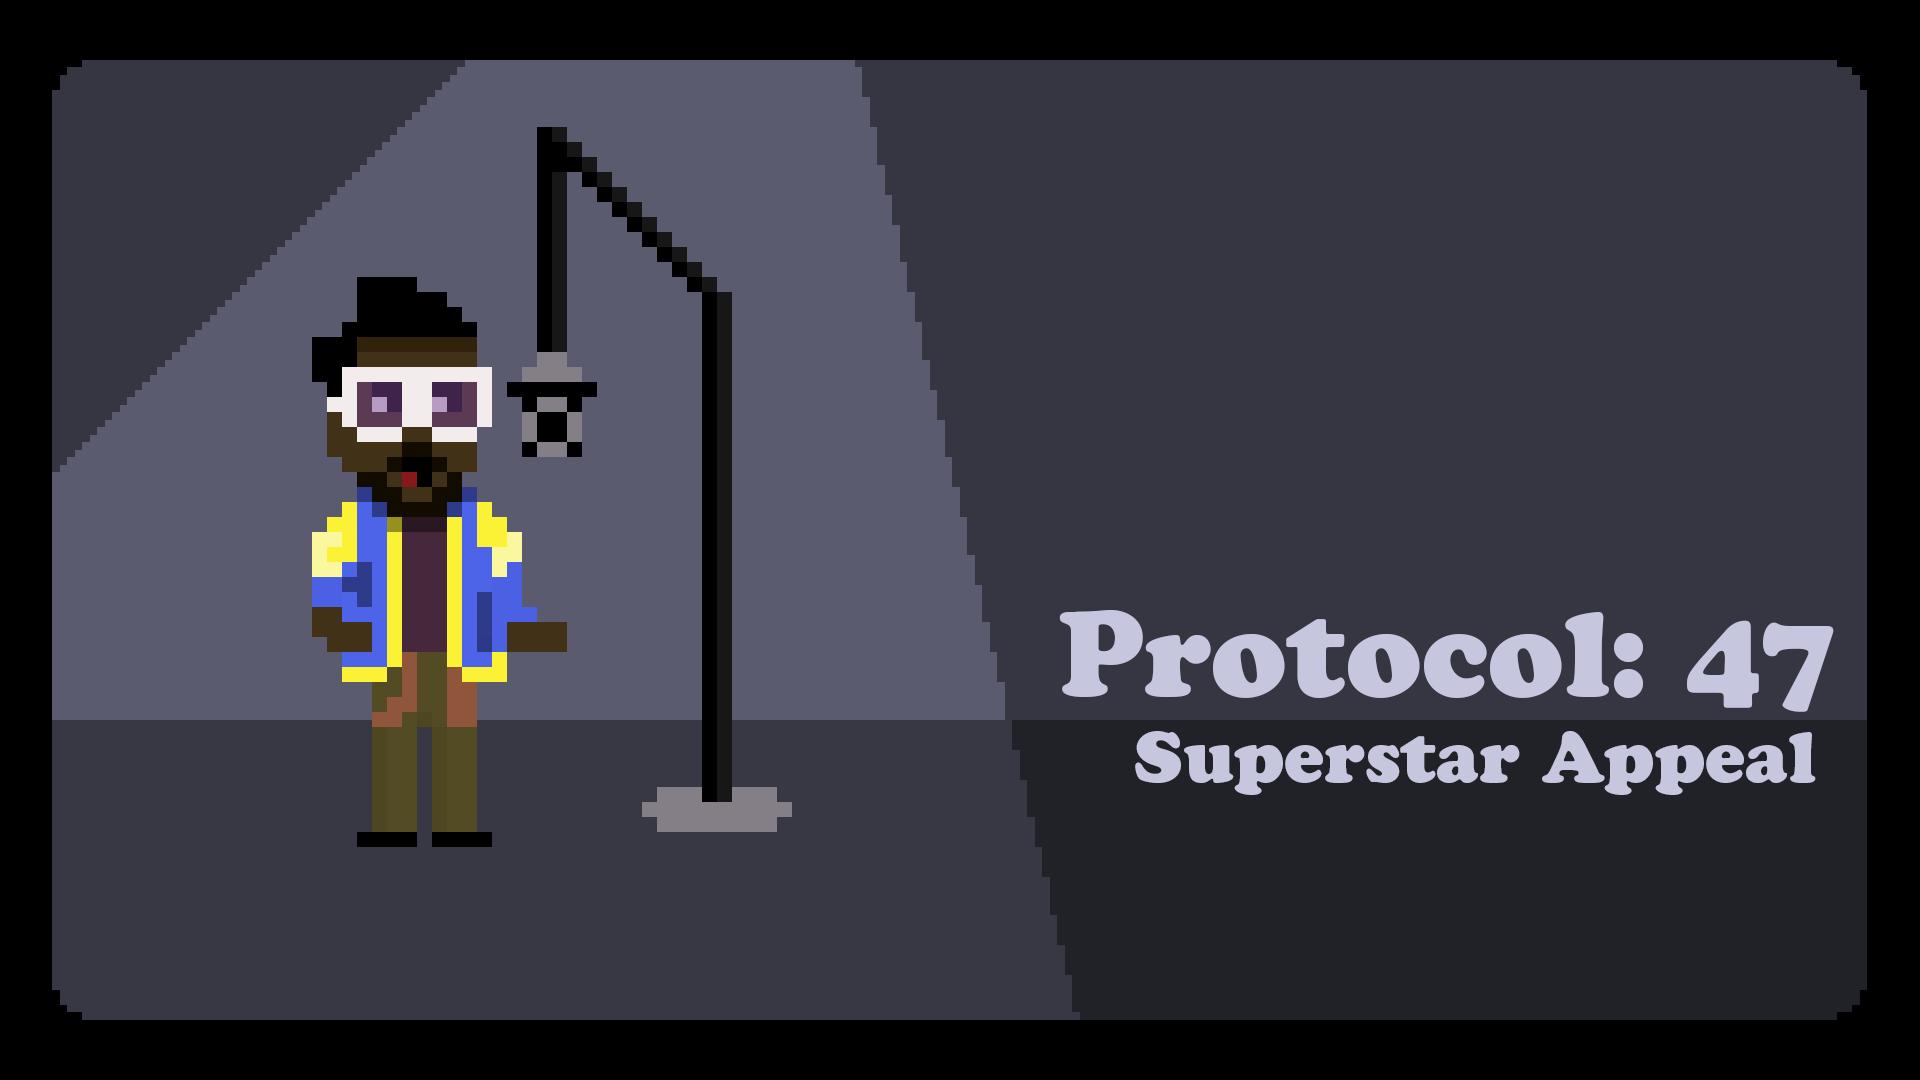 Protocol: 47